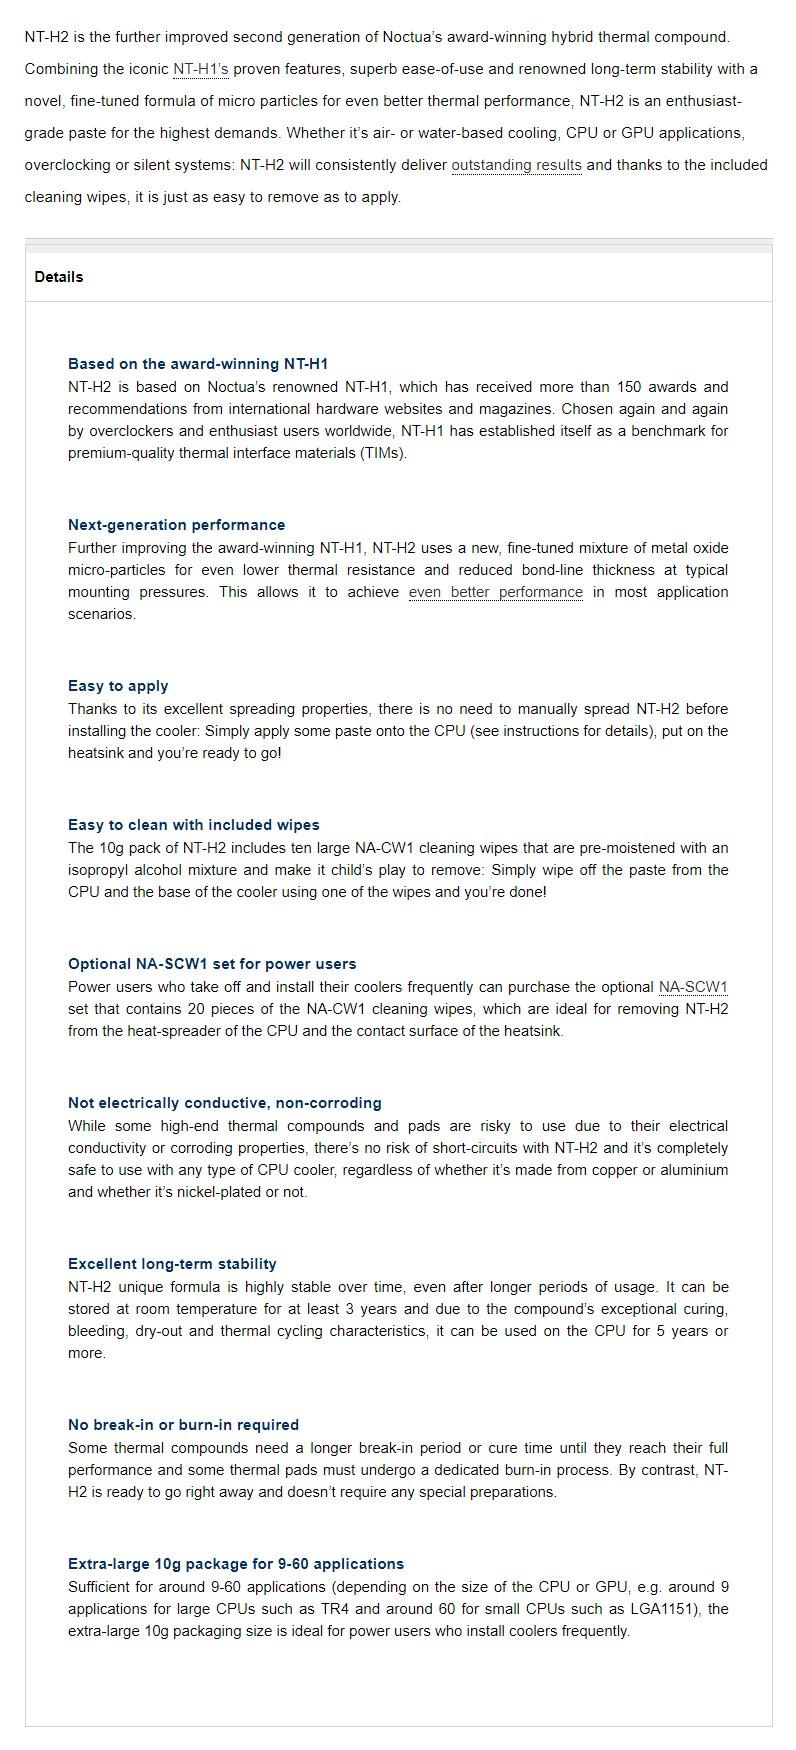 Noctua NT-H2 Thermal Compound - 10g - Desktop Overview 2